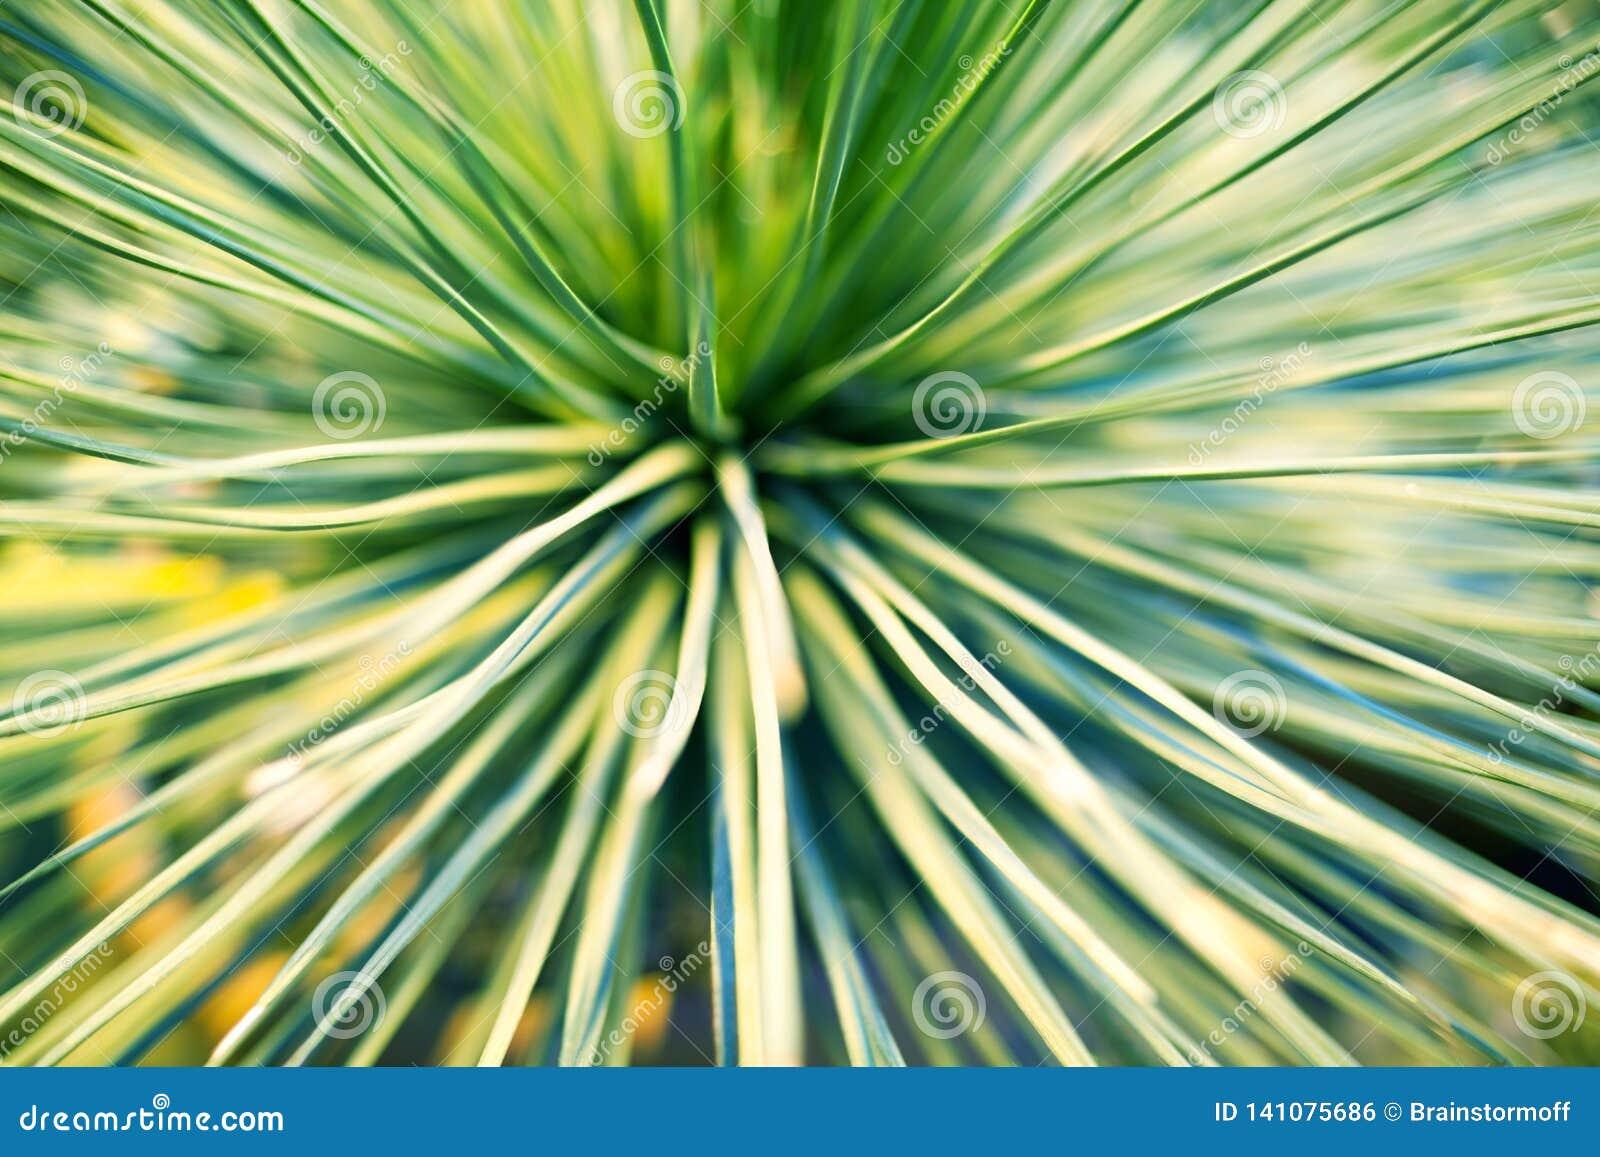 Ljust - gröna sidor av för bakgrundscloseup för palmträd eller för dekorativ houseplant den suddiga makroen